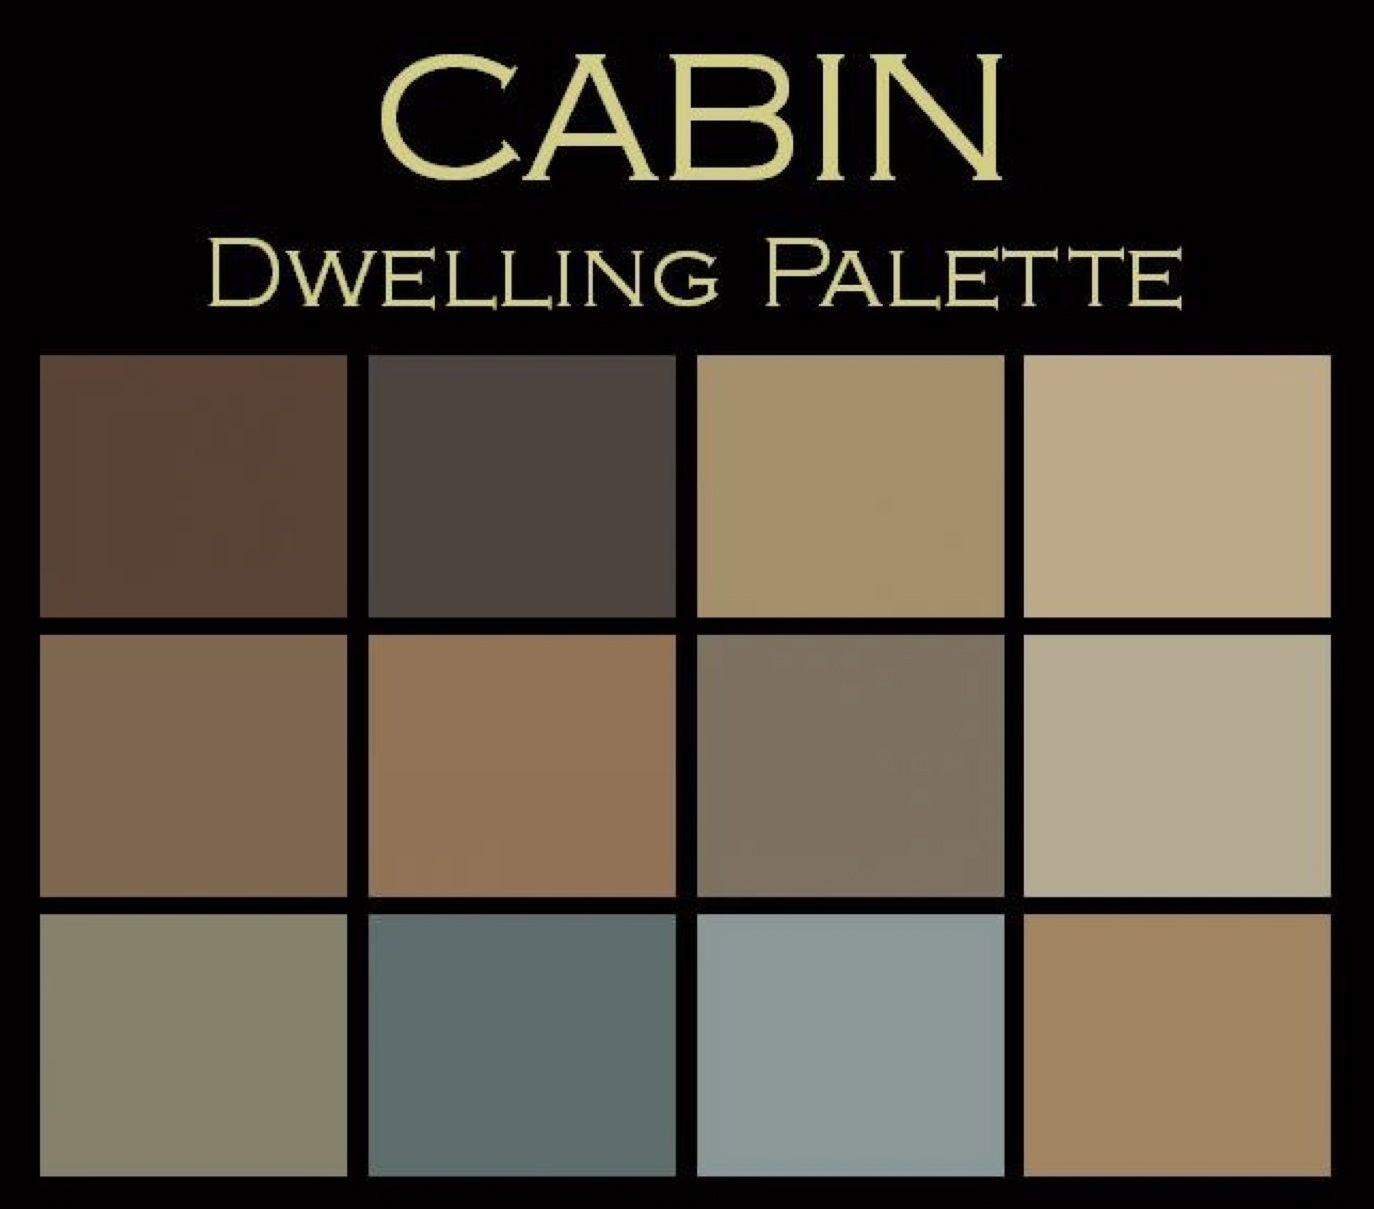 Cabin Dwelling Palette Cabin Paint Colors Benjamin Moore Paint Colours And Benjamin Moore Paint